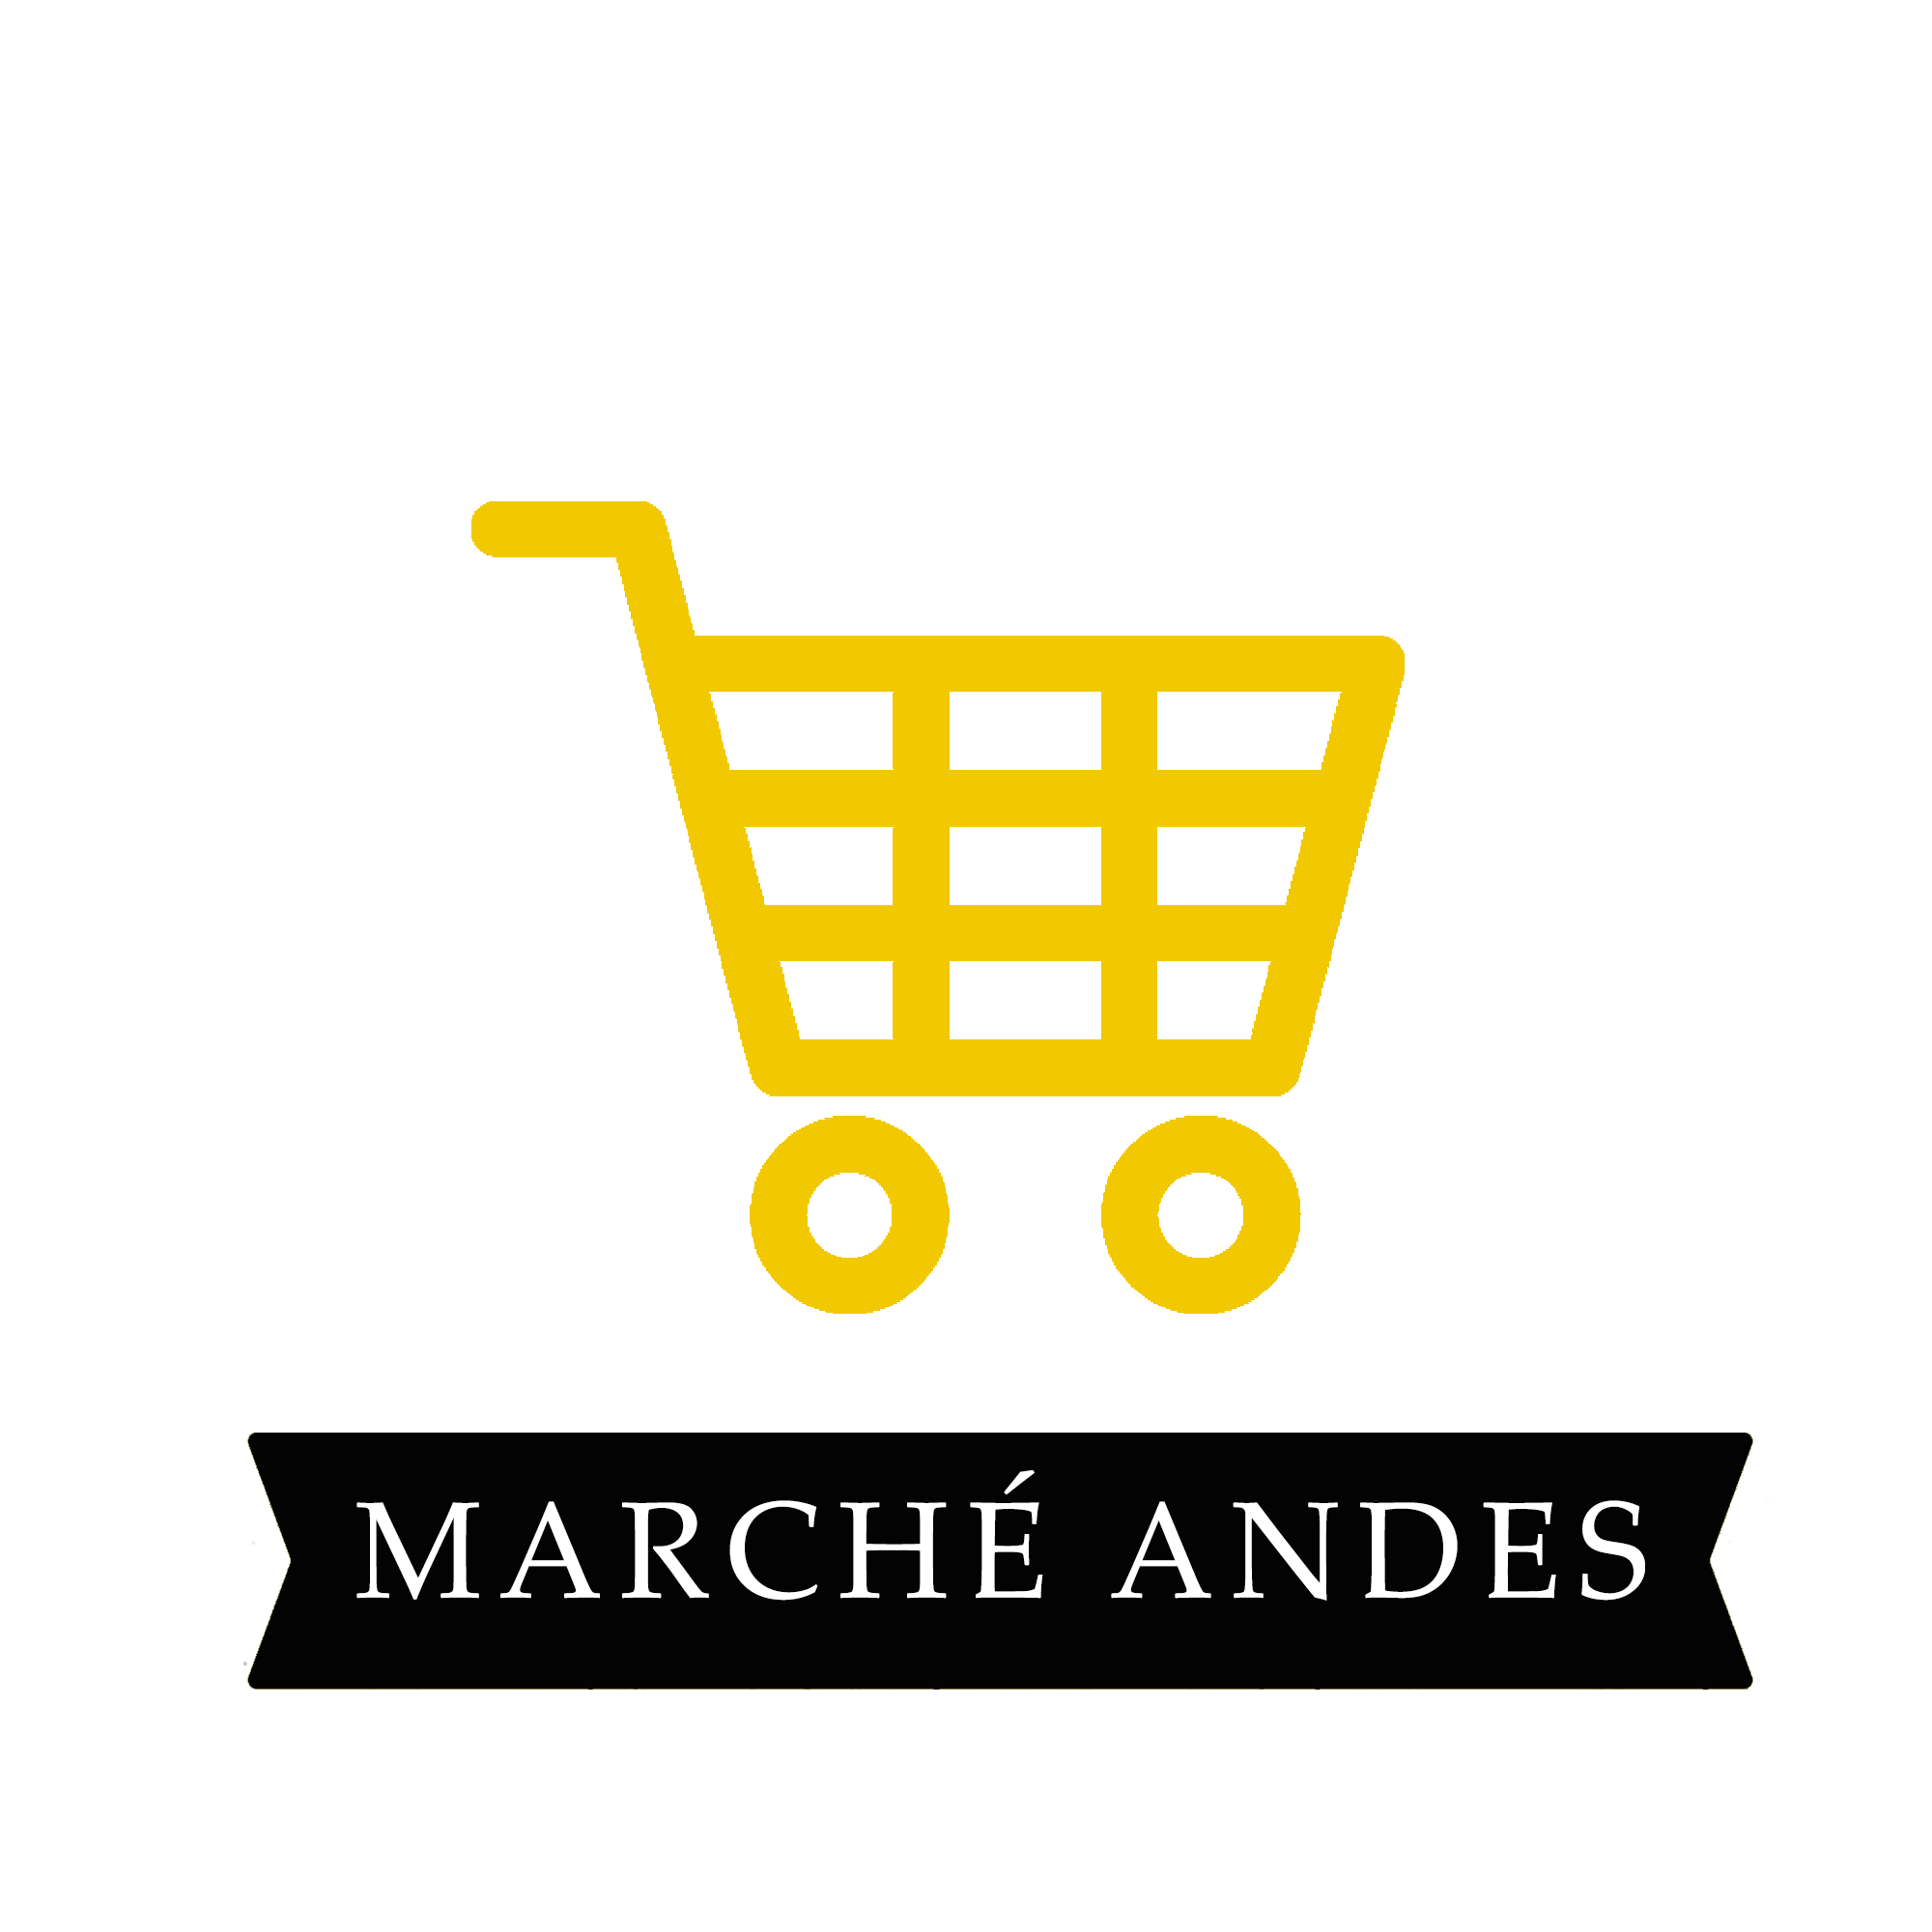 Épicere Marche Andes